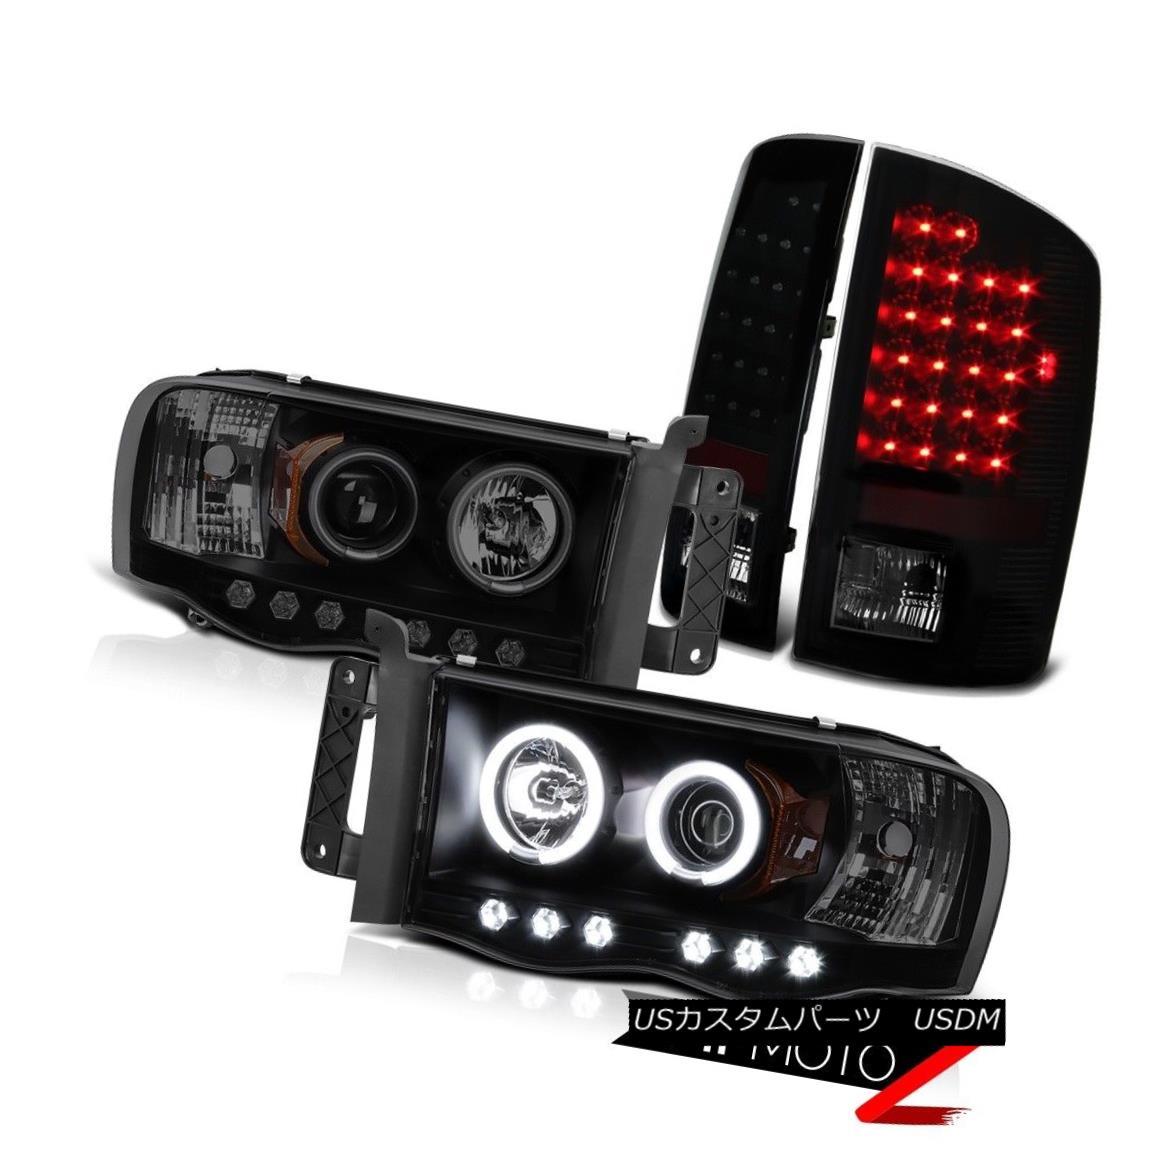 テールライト 2002-2005 Dodge Ram 6.7L SLT Smoke CCFL Halo Headlight Black LED Taillight 2002-2005ドッジ・ラム6.7L SLTスモークCCFLハローヘッドライトブラックLEDテールライト